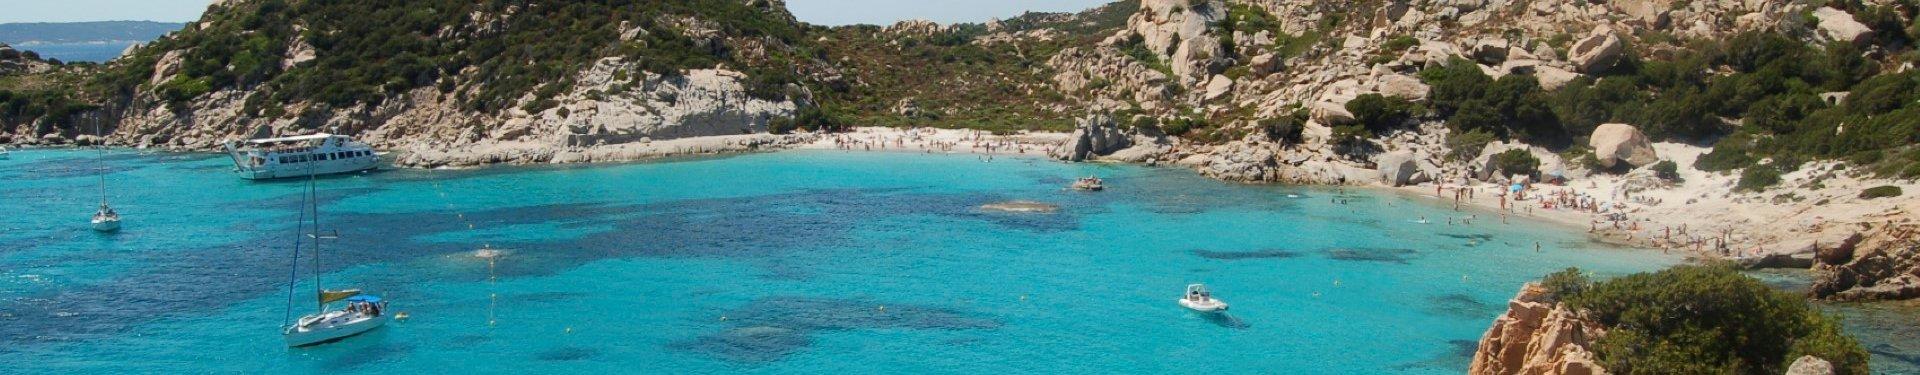 Villas In Sardinia Clickstay Holiday Rentals